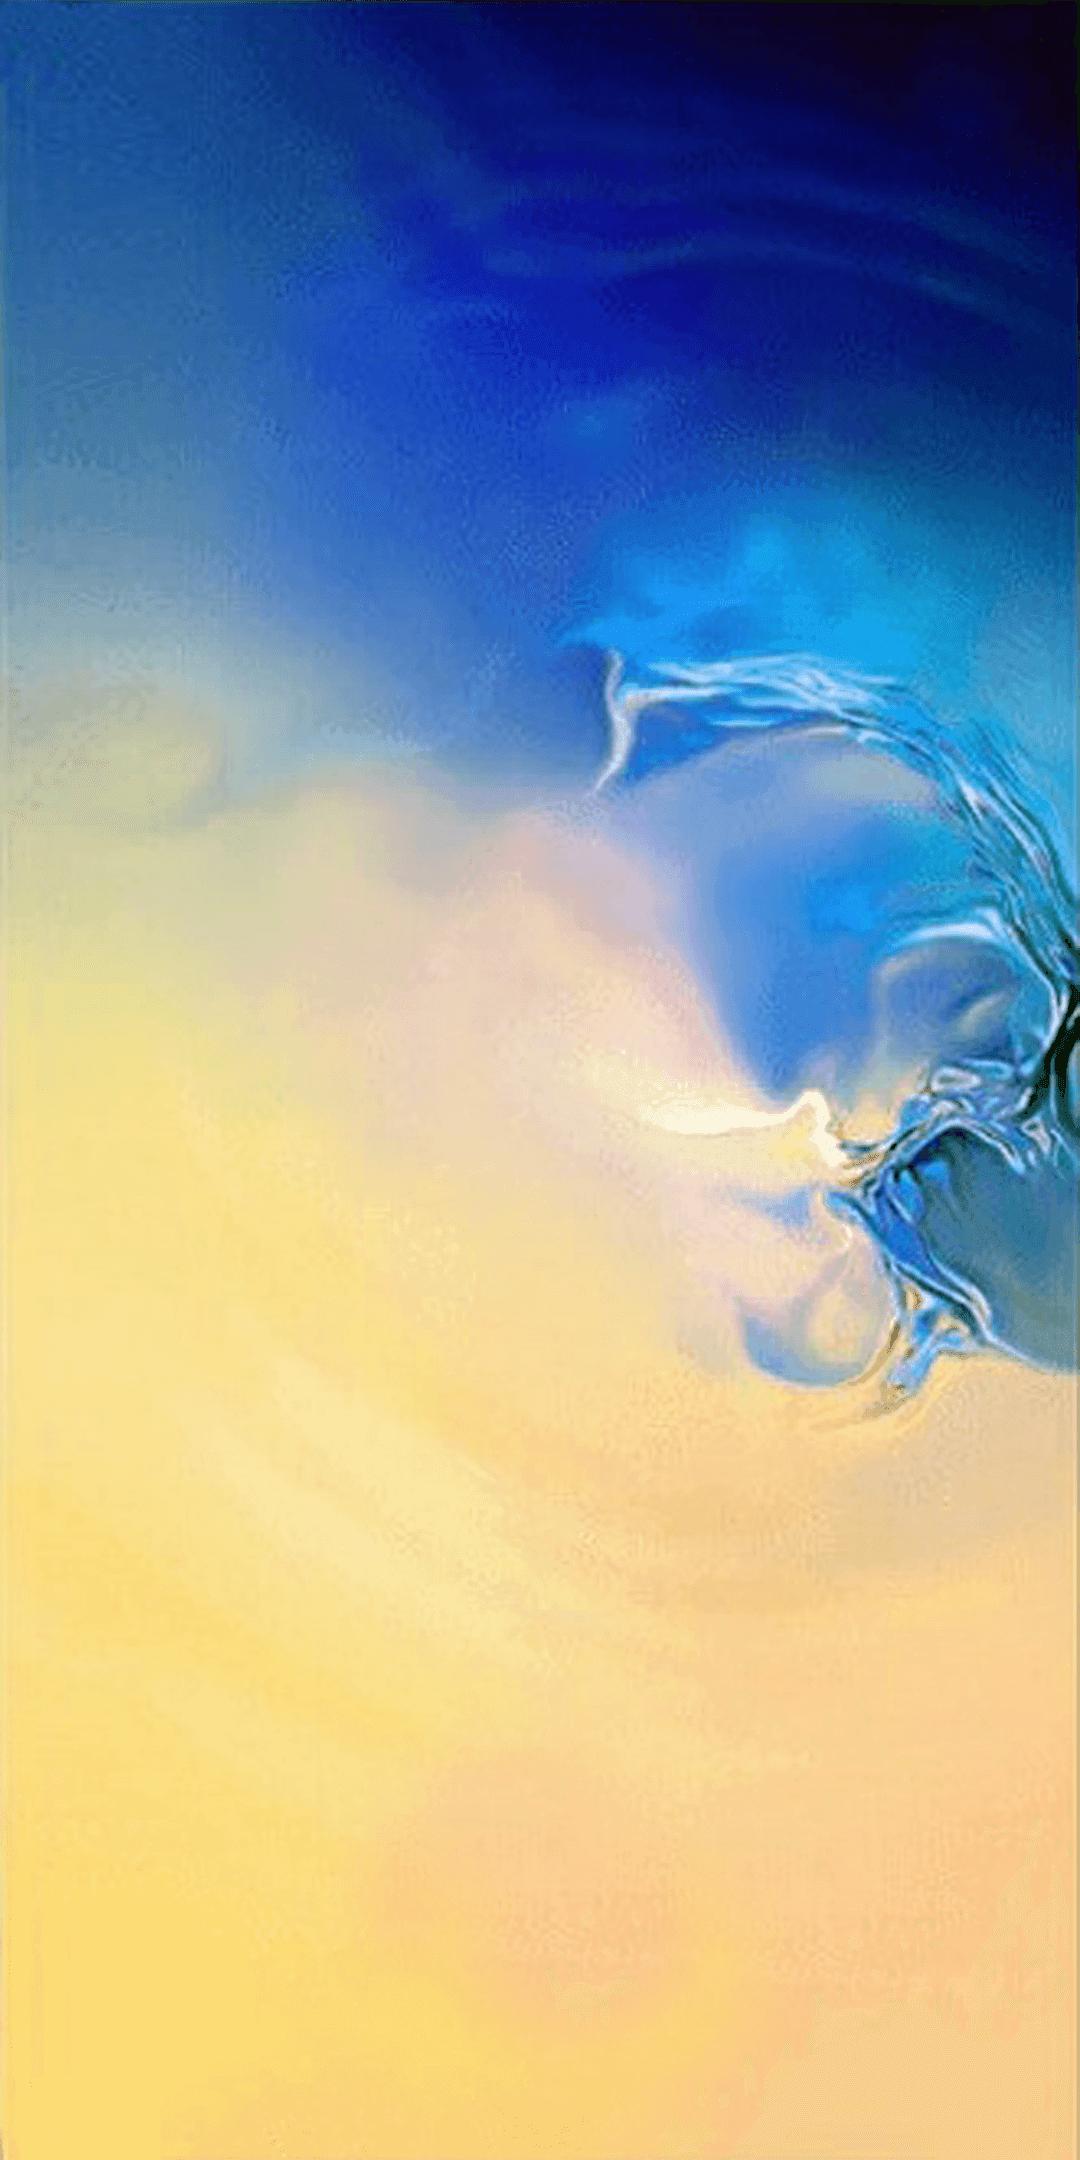 Samsung Galaxy S10 Wallpapers: Download aller Hintergrundbilder 3